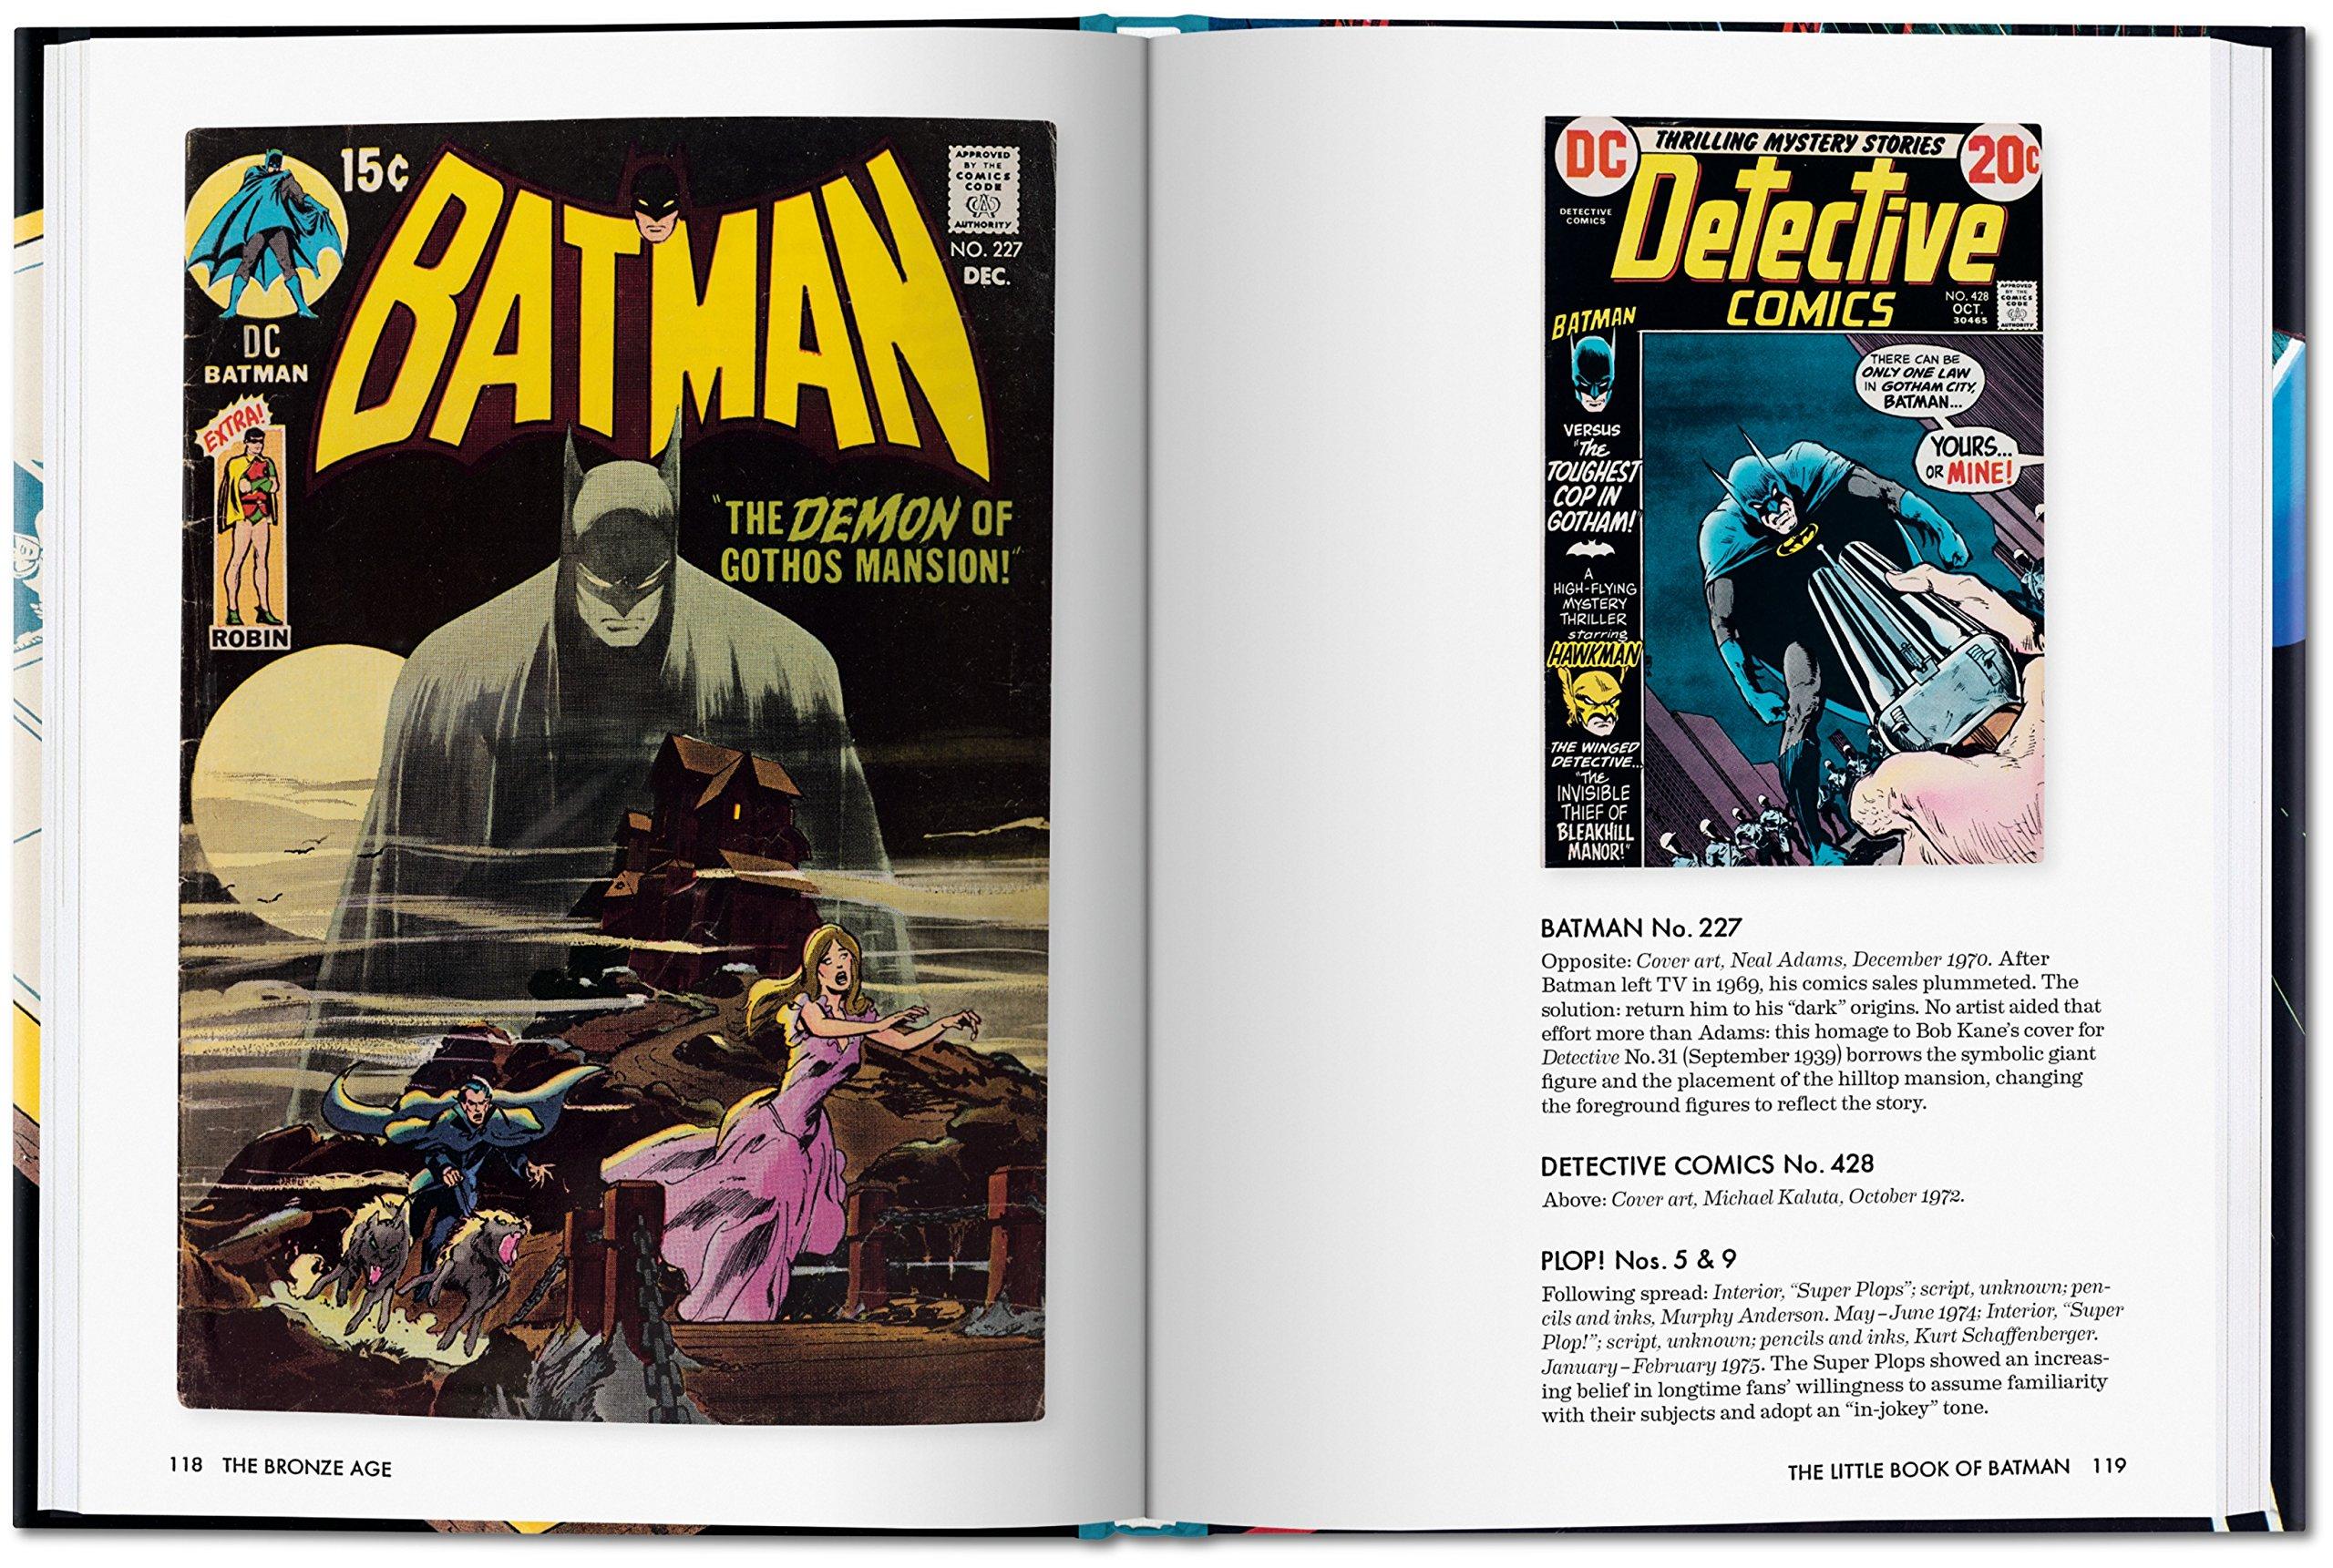 The Little Book of Batman (Little Books): Amazon.de: Paul Levitz ...